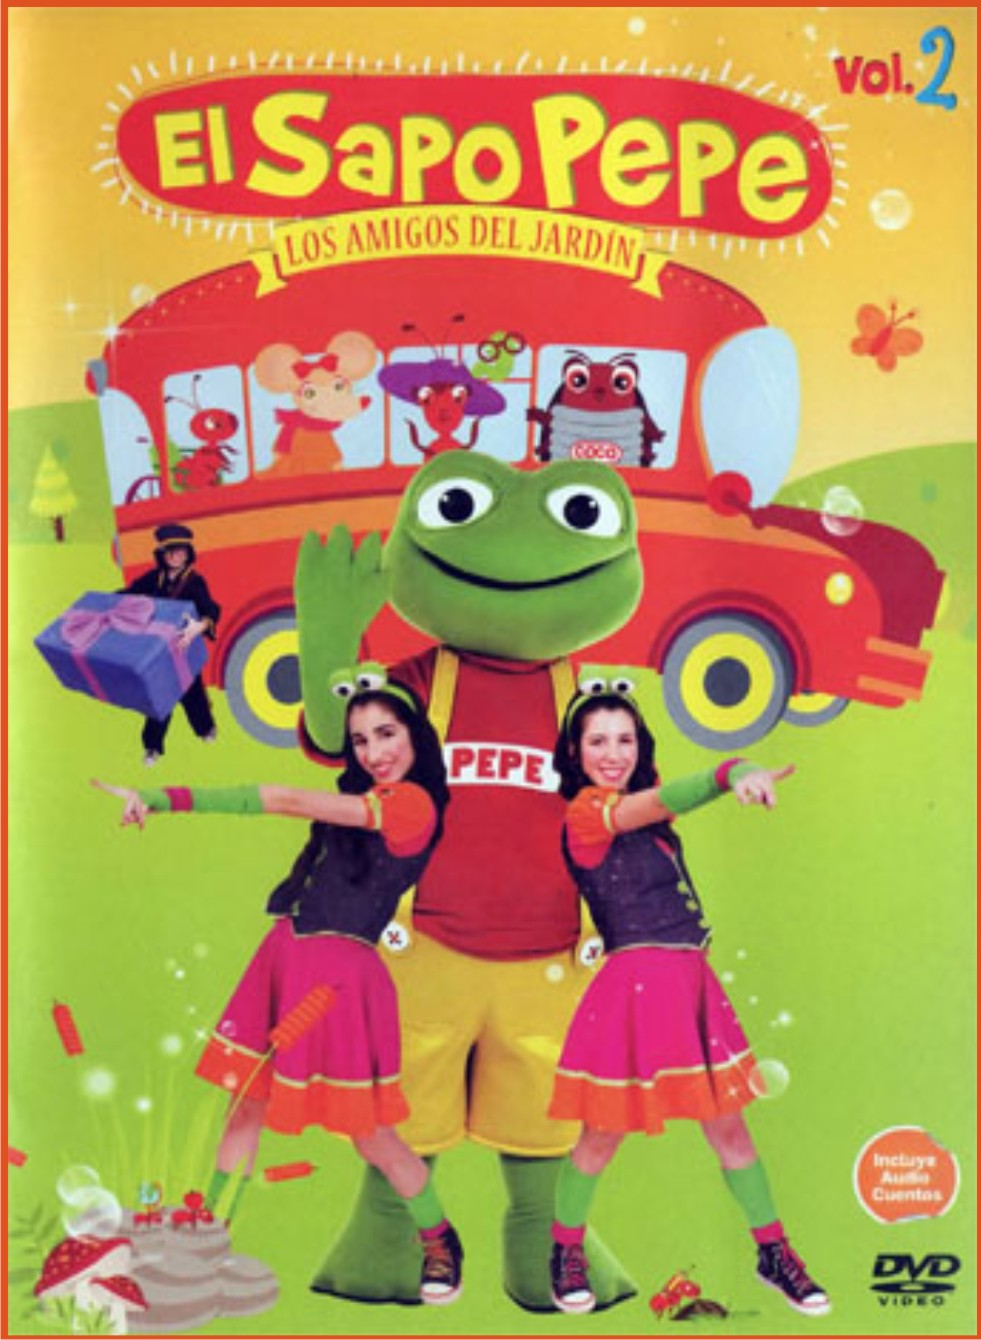 Bienvenidos a universo dvd for Amigos del jardin